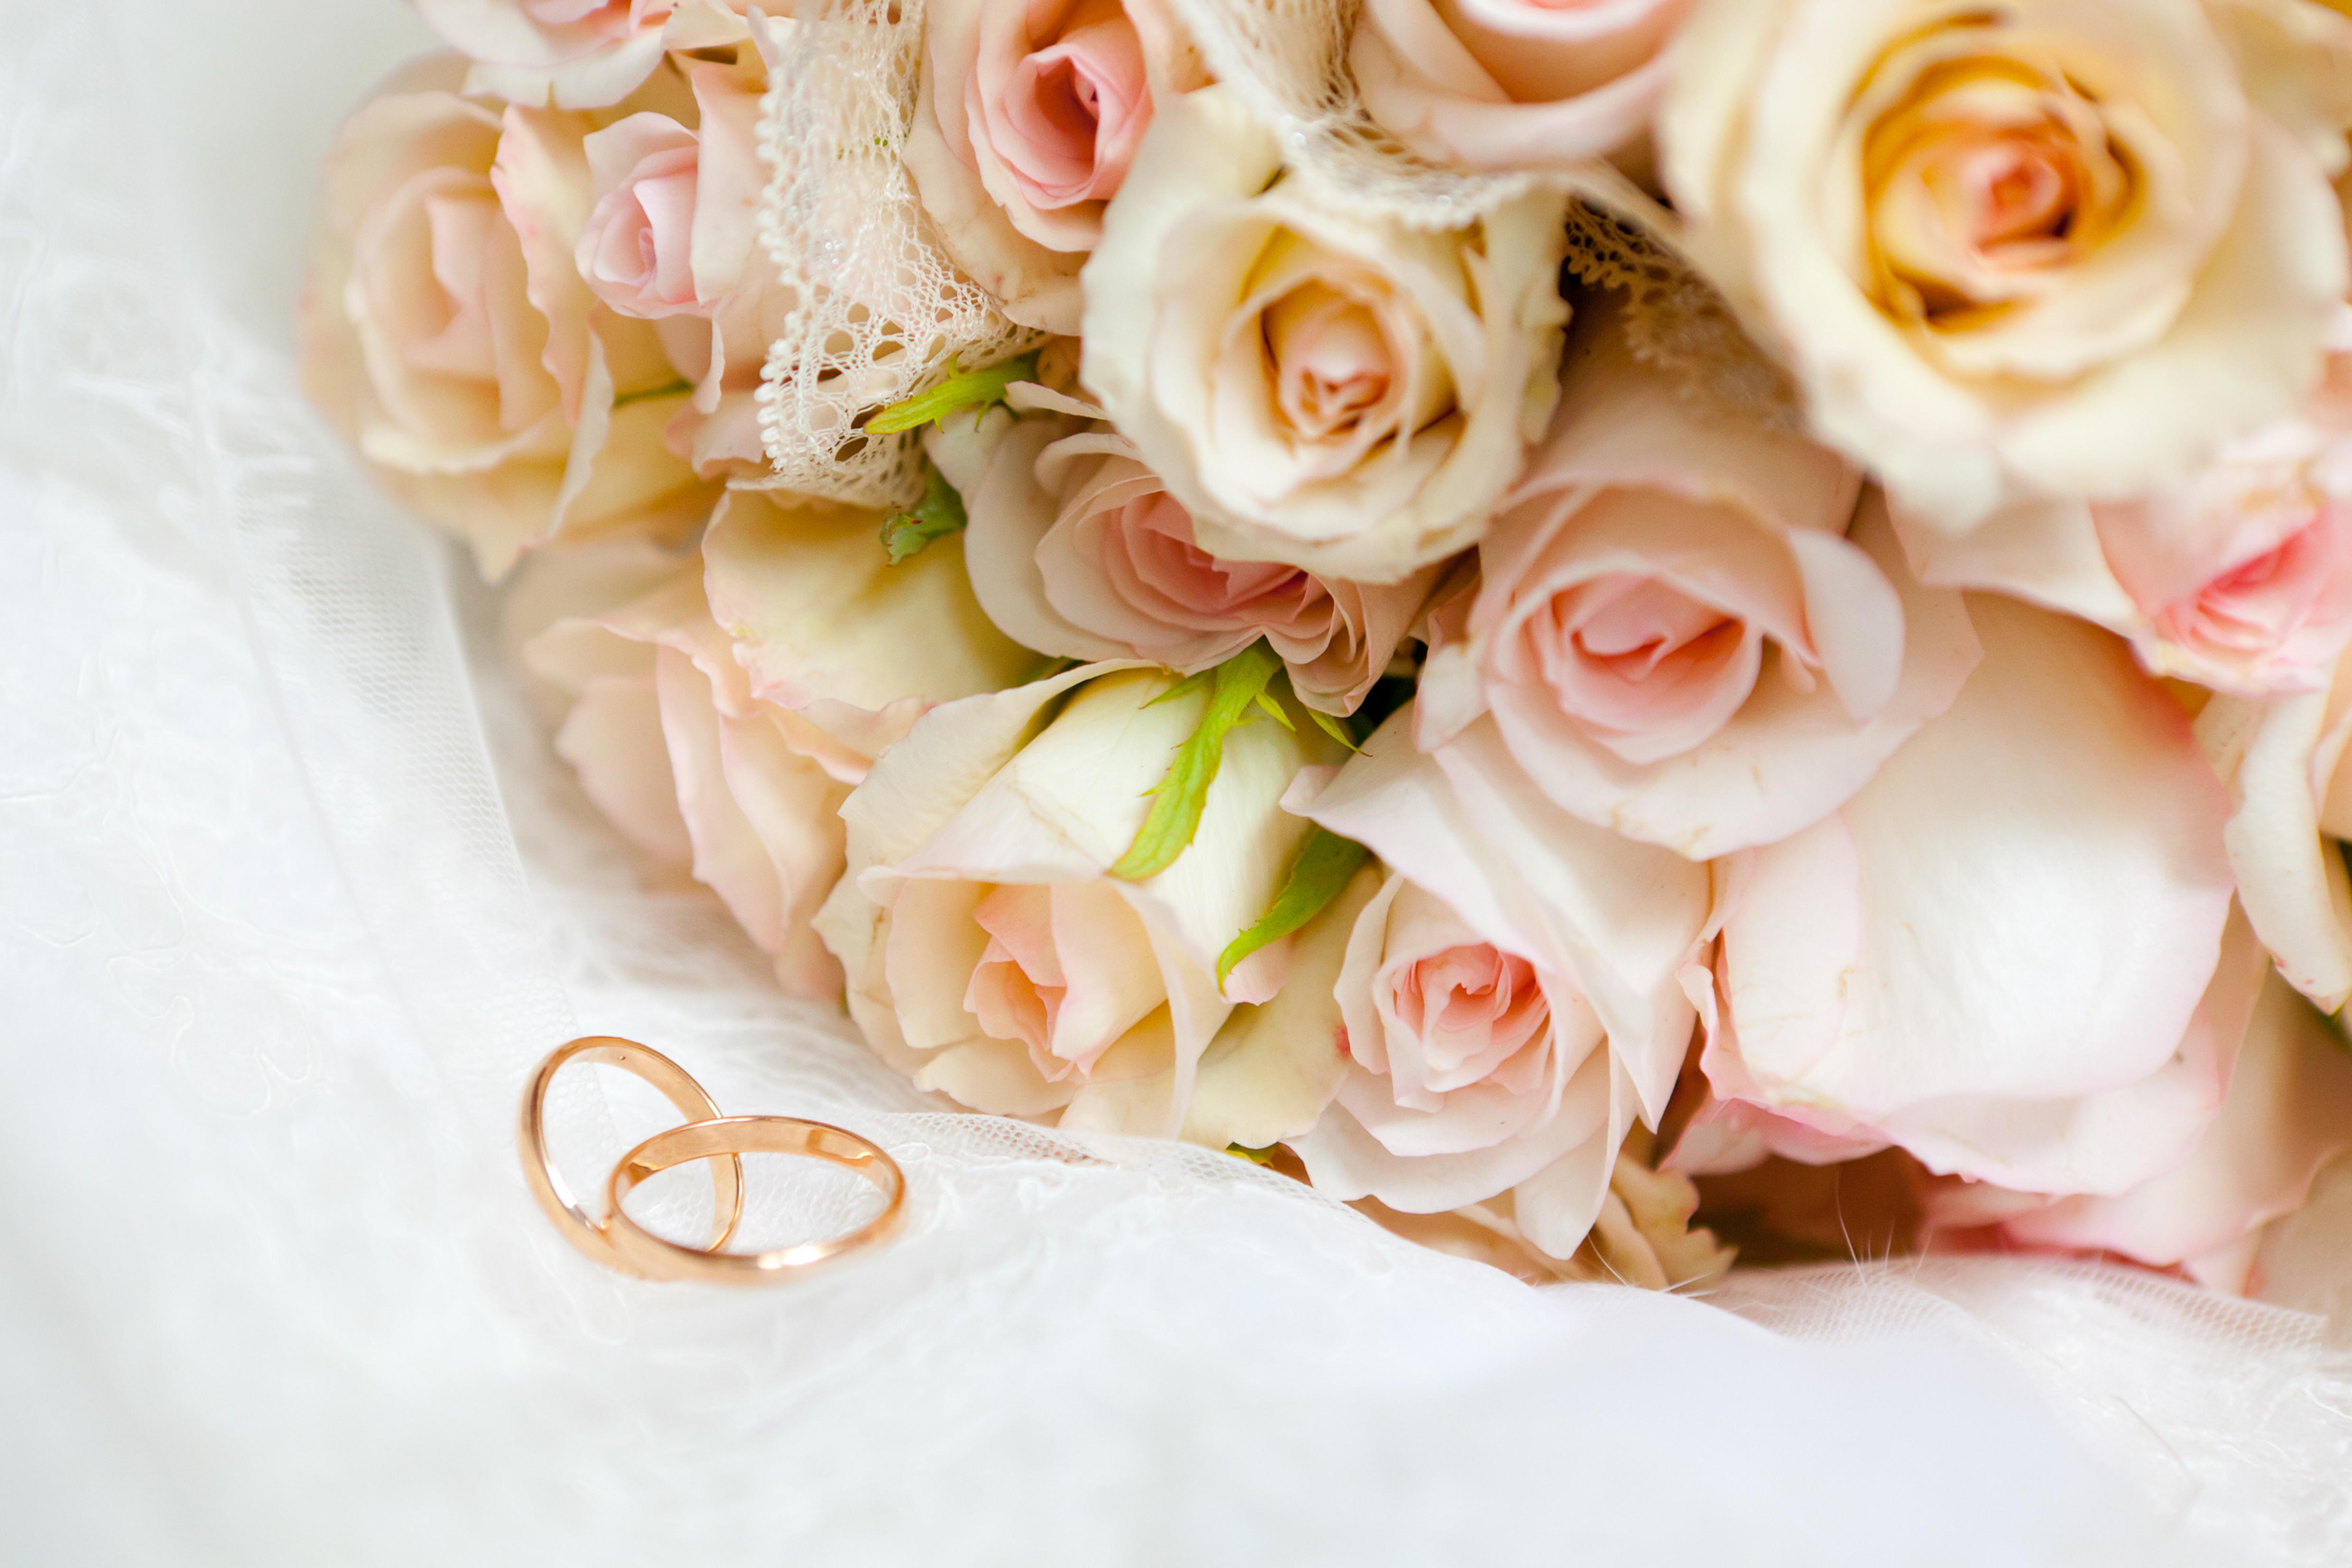 Открытка, открытка в букет цветов текст на свадьбу